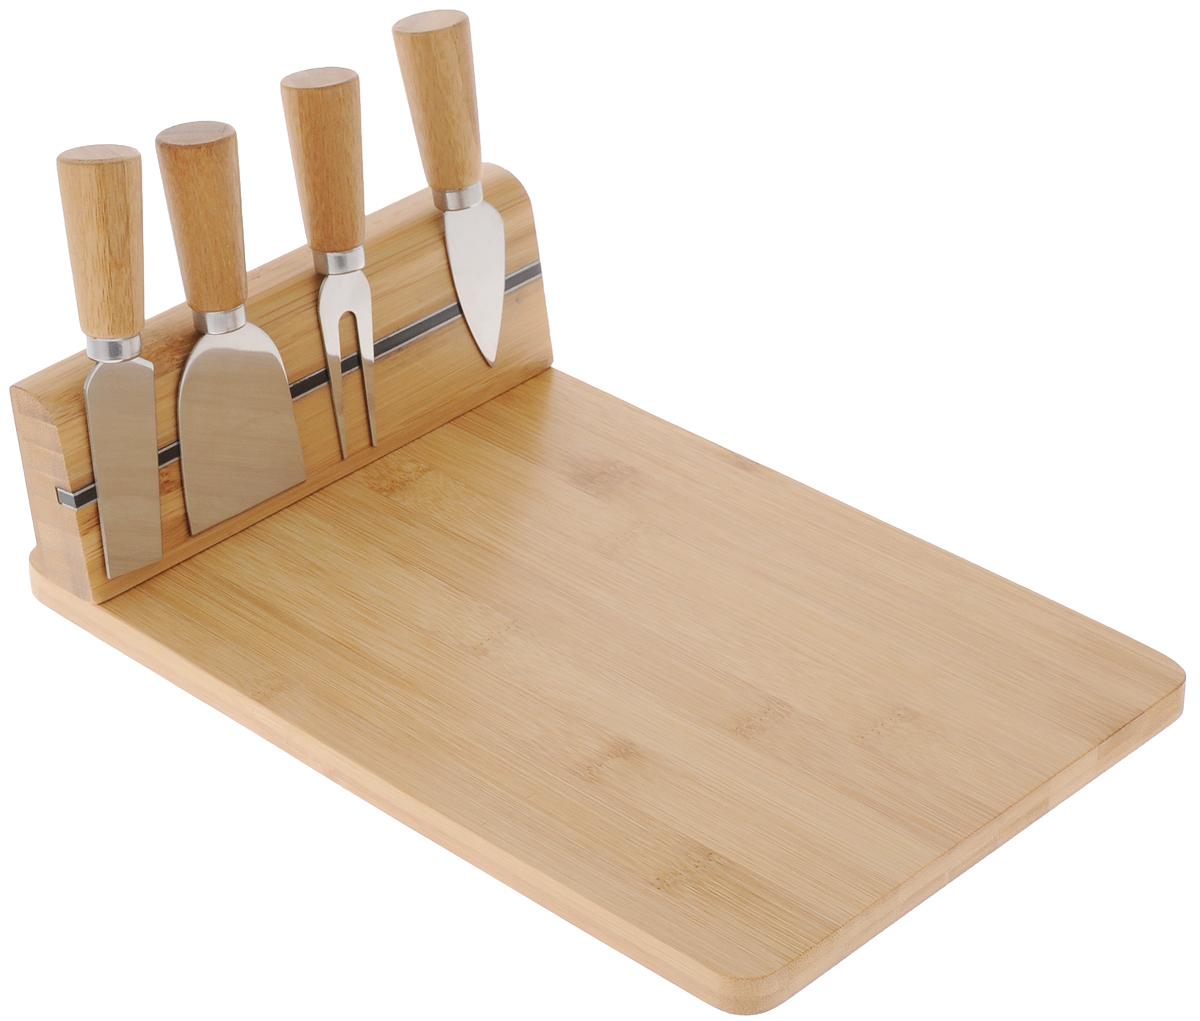 Набор для резки сыра Kesper, 5 предметов54 009312Набор Kesper предназначен для нарезки сыра твердых и мягких сортов. В комплект входят разделочная доска с магнитным бортиком, который соединяется с помощью шурупов (в комплект не входят), три ножа и вилка. Изделия выполнены из высококачественного бамбука и нержавеющей стали. Такой набор удобен в применении и компактен. Он послужит прекрасным подарком для родных и близких.Не рекомендуется мыть в посудомоечной машине. Размер доски: 30 х 20 х 8,6 см. Длина вилки: 12,2 см. Длина ножей: 12,2 см; 12,9 см; 12 см.